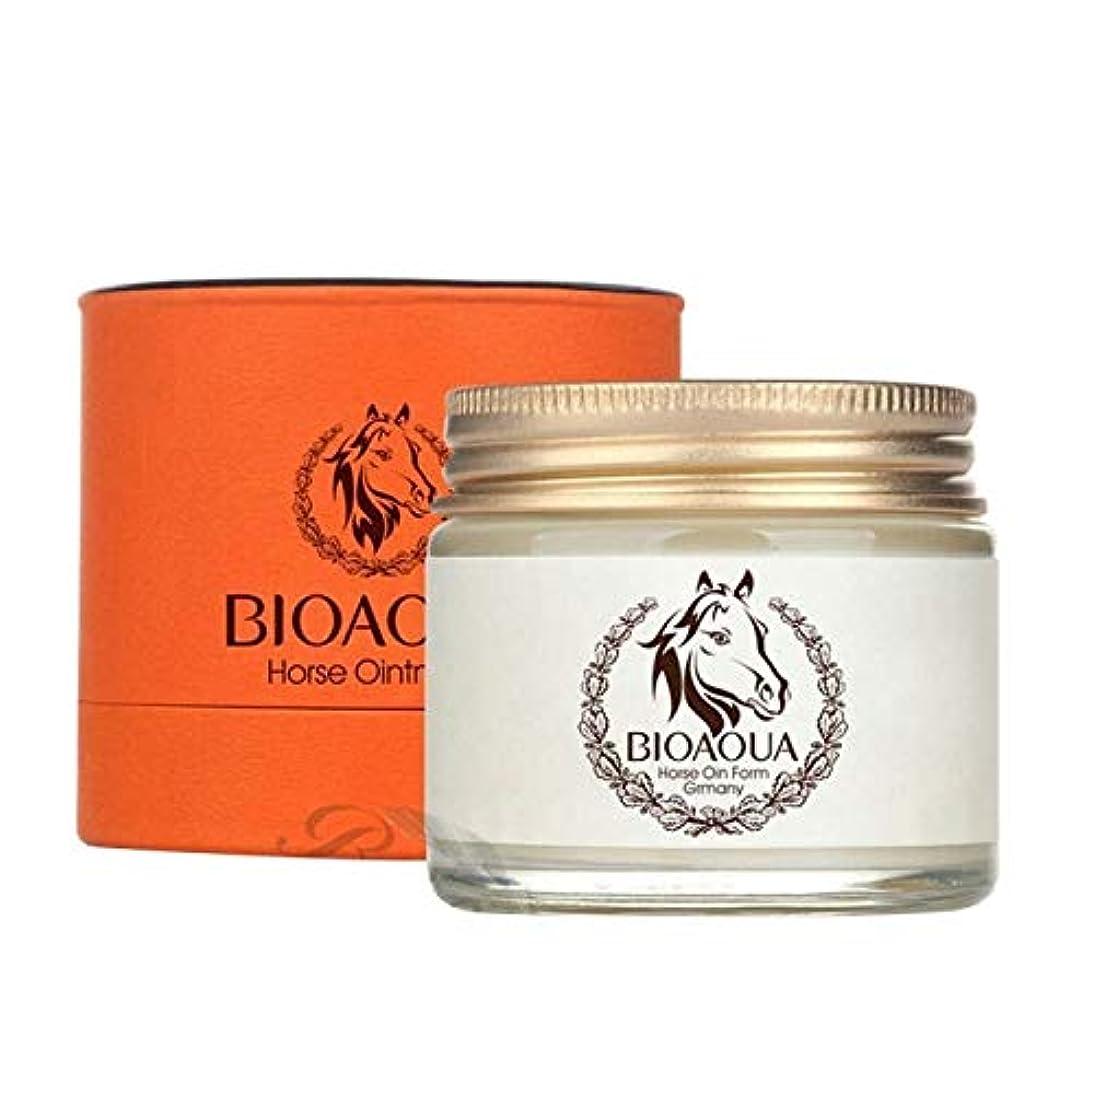 提供下着強打コー美容ケア寧保湿クリーム馬油クリームスカーフェースボディ寧クリームエイジレスPL3T9